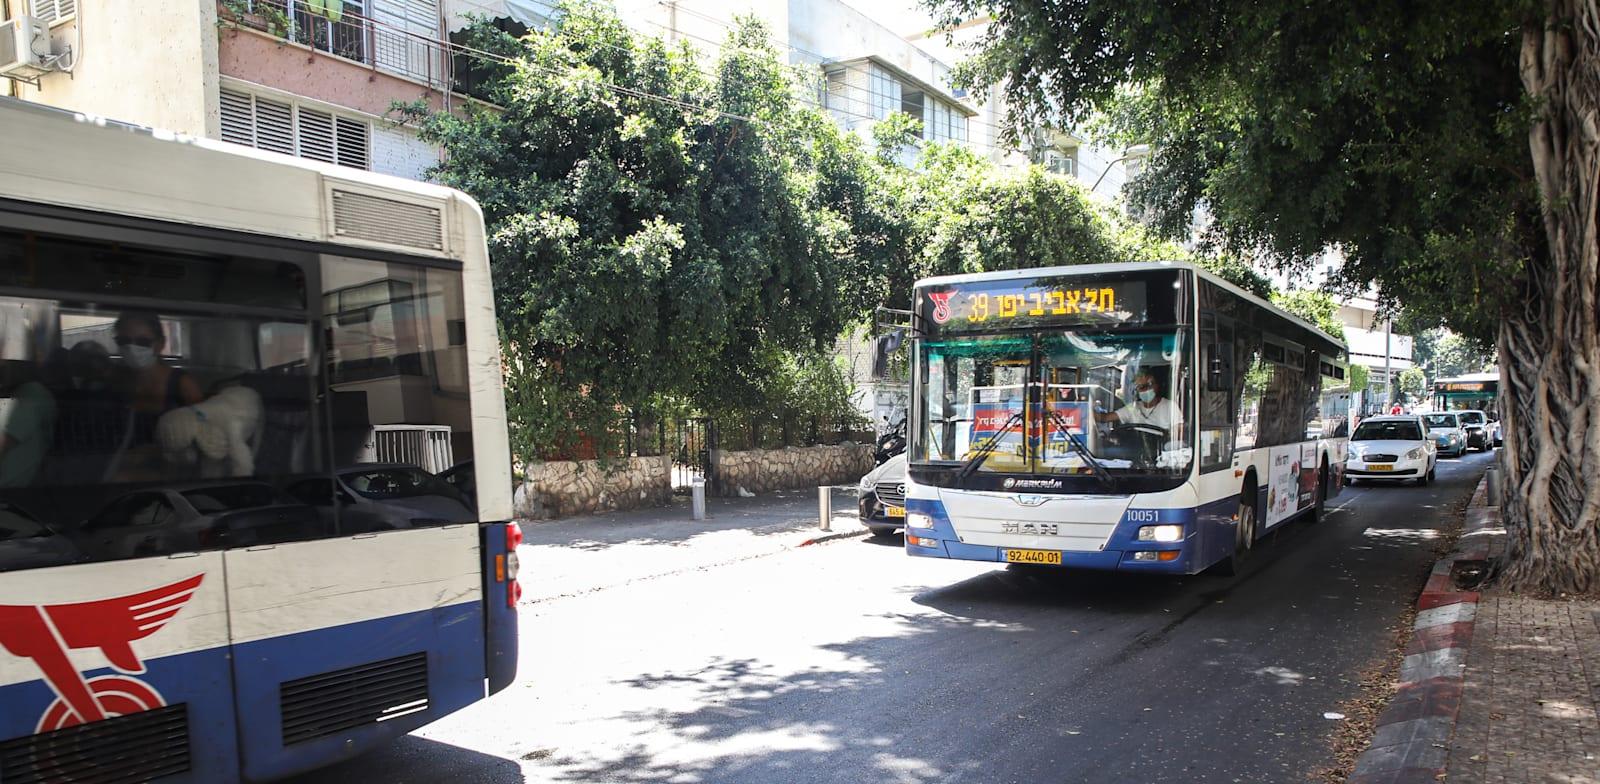 תחבורה ציבורית. לתמרץ את העובדים / צילום: כדיה לוי